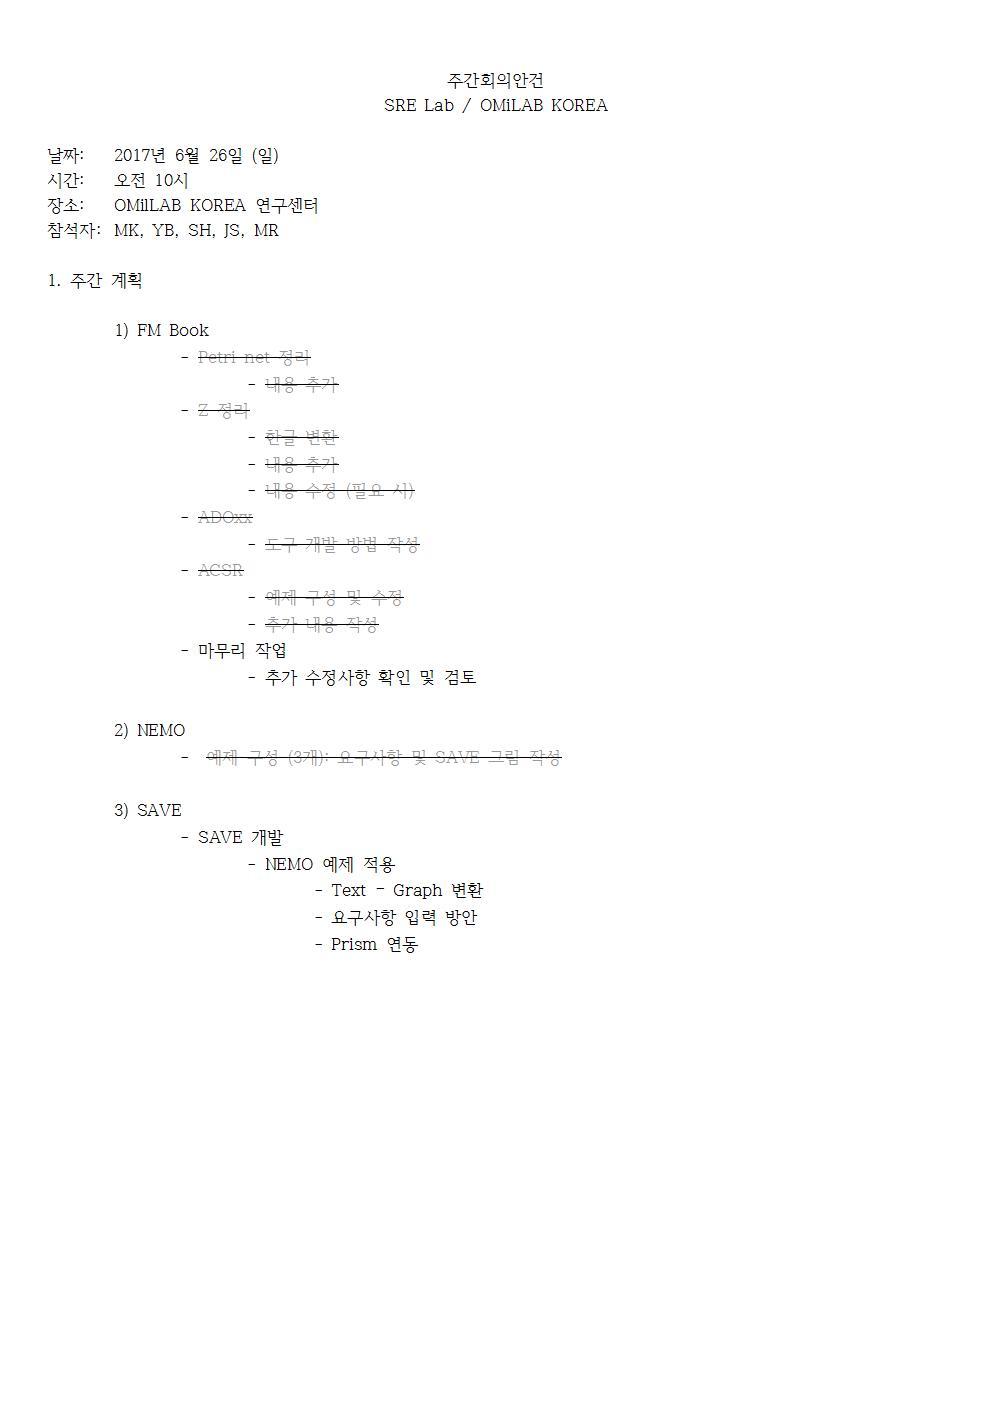 1-월-2017-06-26-PLAN(YB)001.jpg